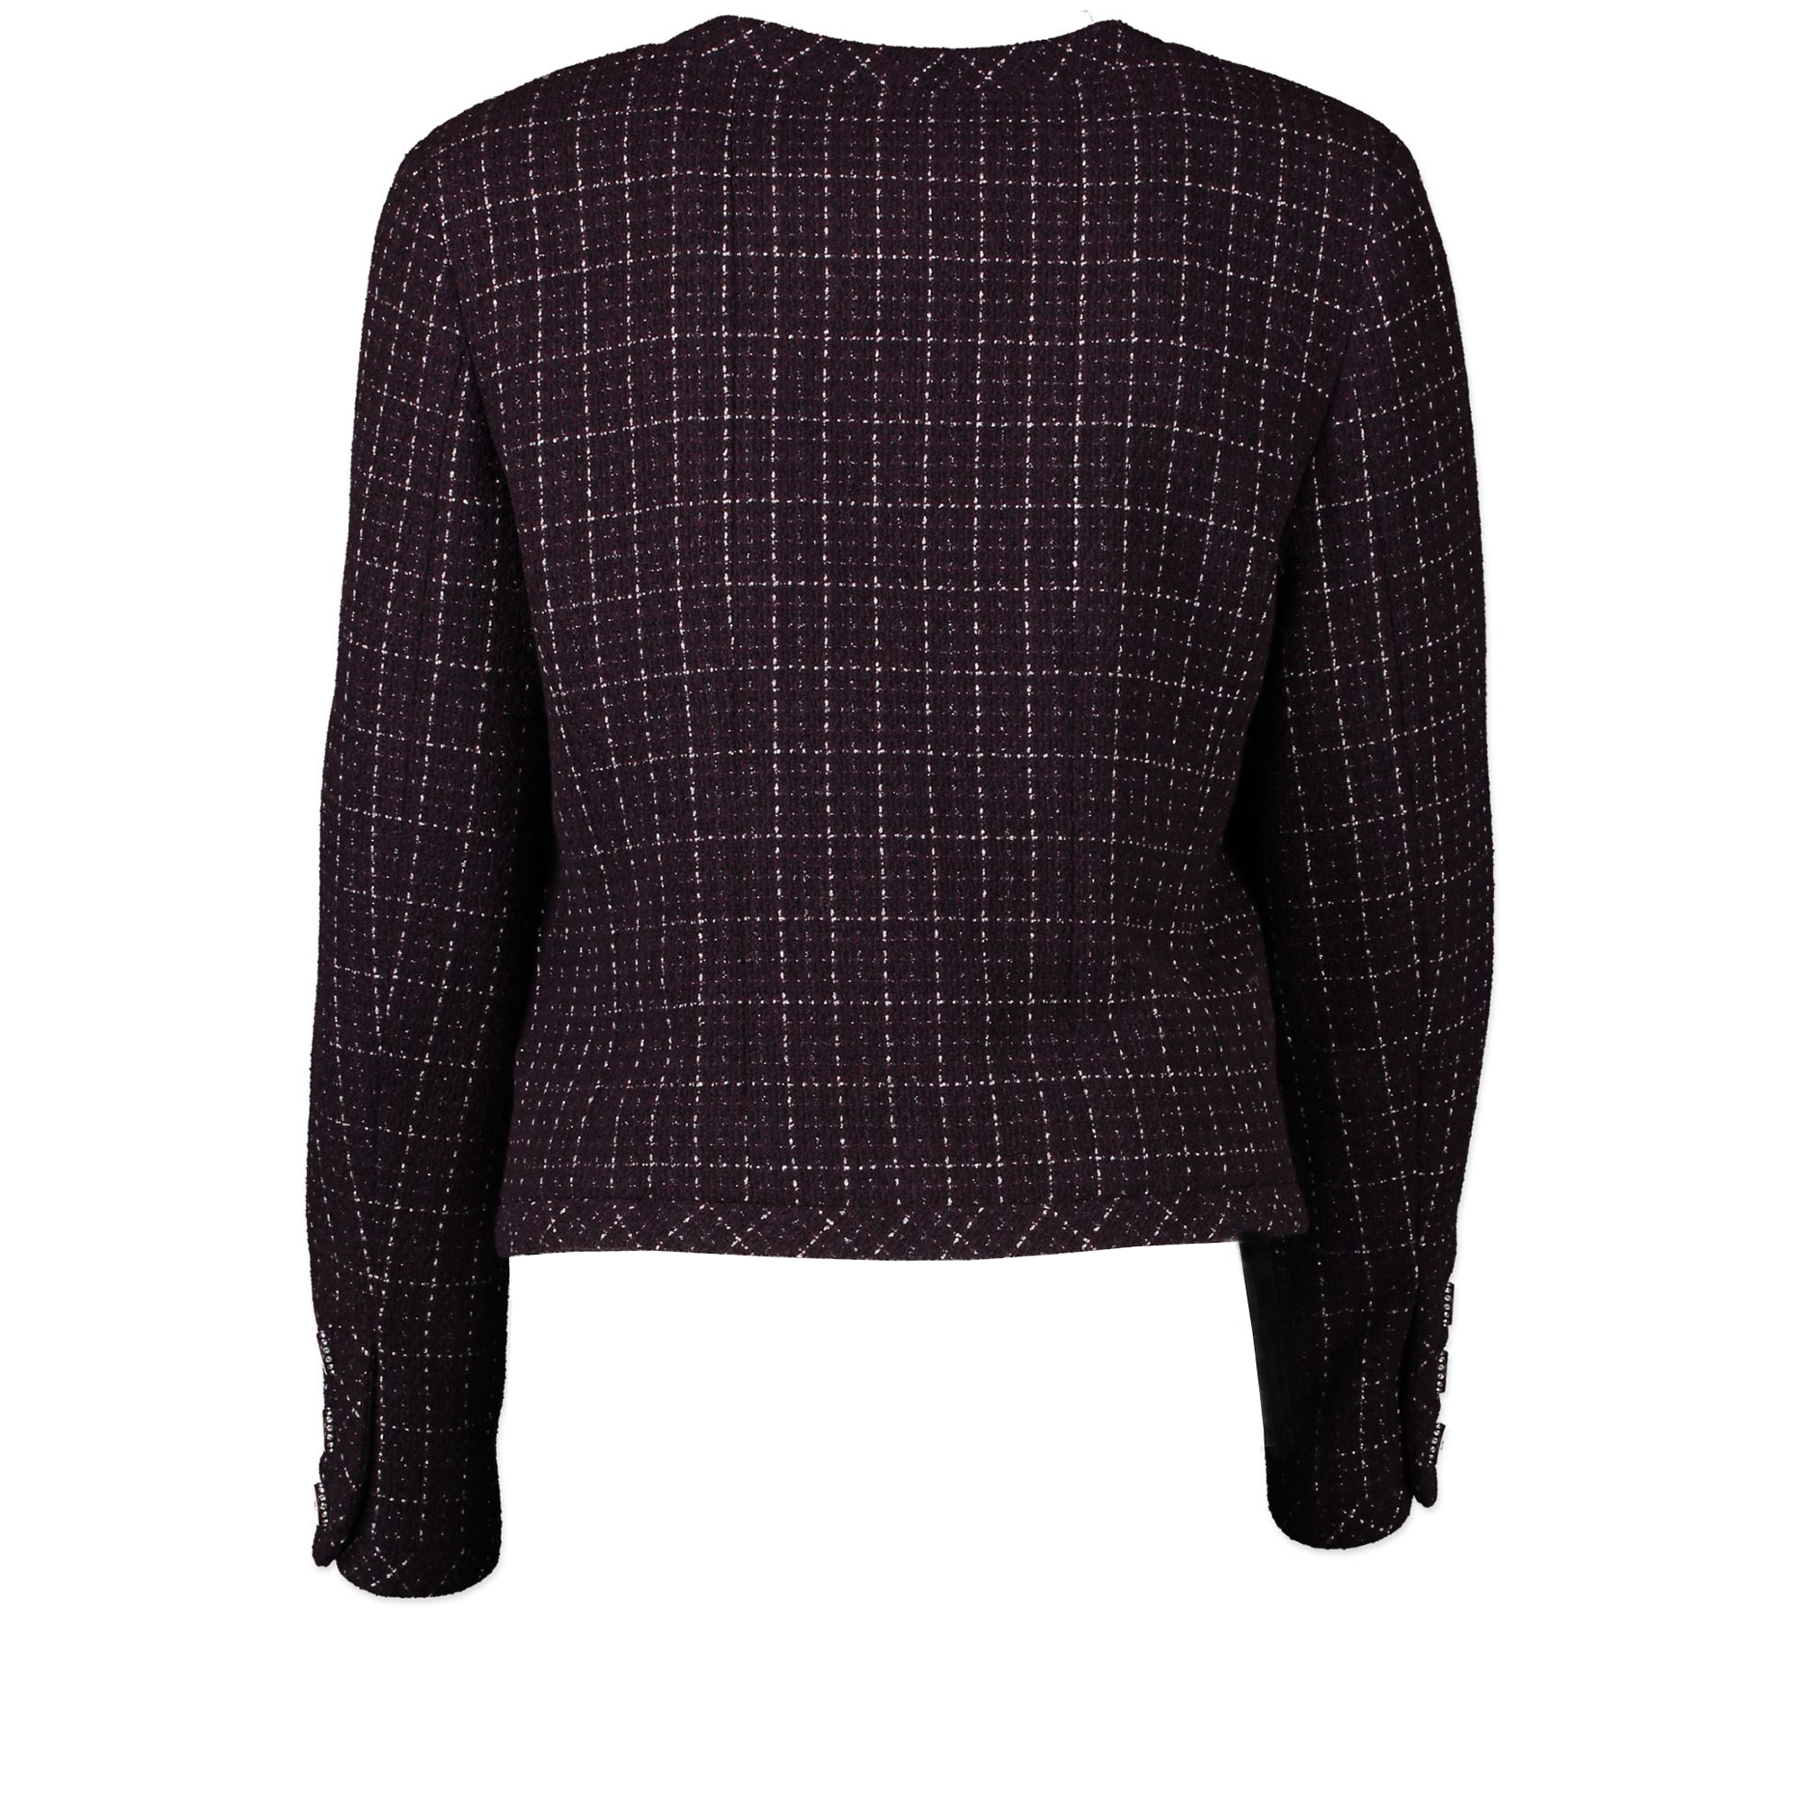 Chanel Purple Tweed Jacket - Size 40